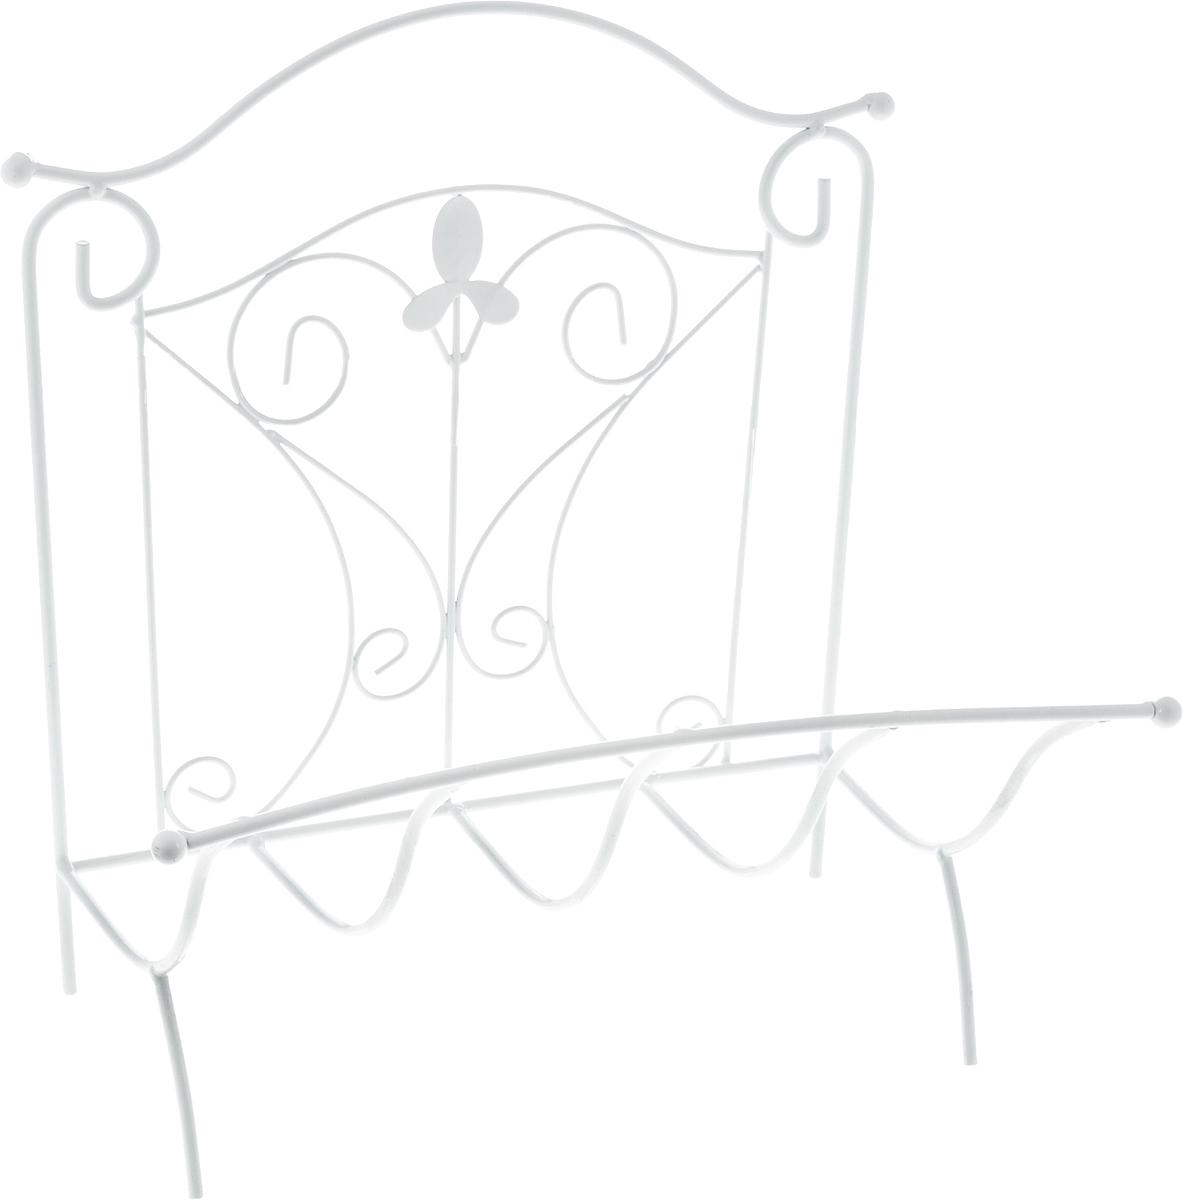 Подставка для газет Magic Home Французская лилия, 39 х 31 х 39 см44165Удобная подставка Magic Home Французская лилия предназначена для хранения газет и журналов. Изделие выполнено из кованого металла в классическом стиле. Изделие украшено изящными завитками и цветком из металла. Подставка располагается на удобных металлических ножках. Такая подставка поможет не только хранить газеты и журналы в одном месте, но и станет предметом декора. Размер подставки: 39 х 31 х 39 см.